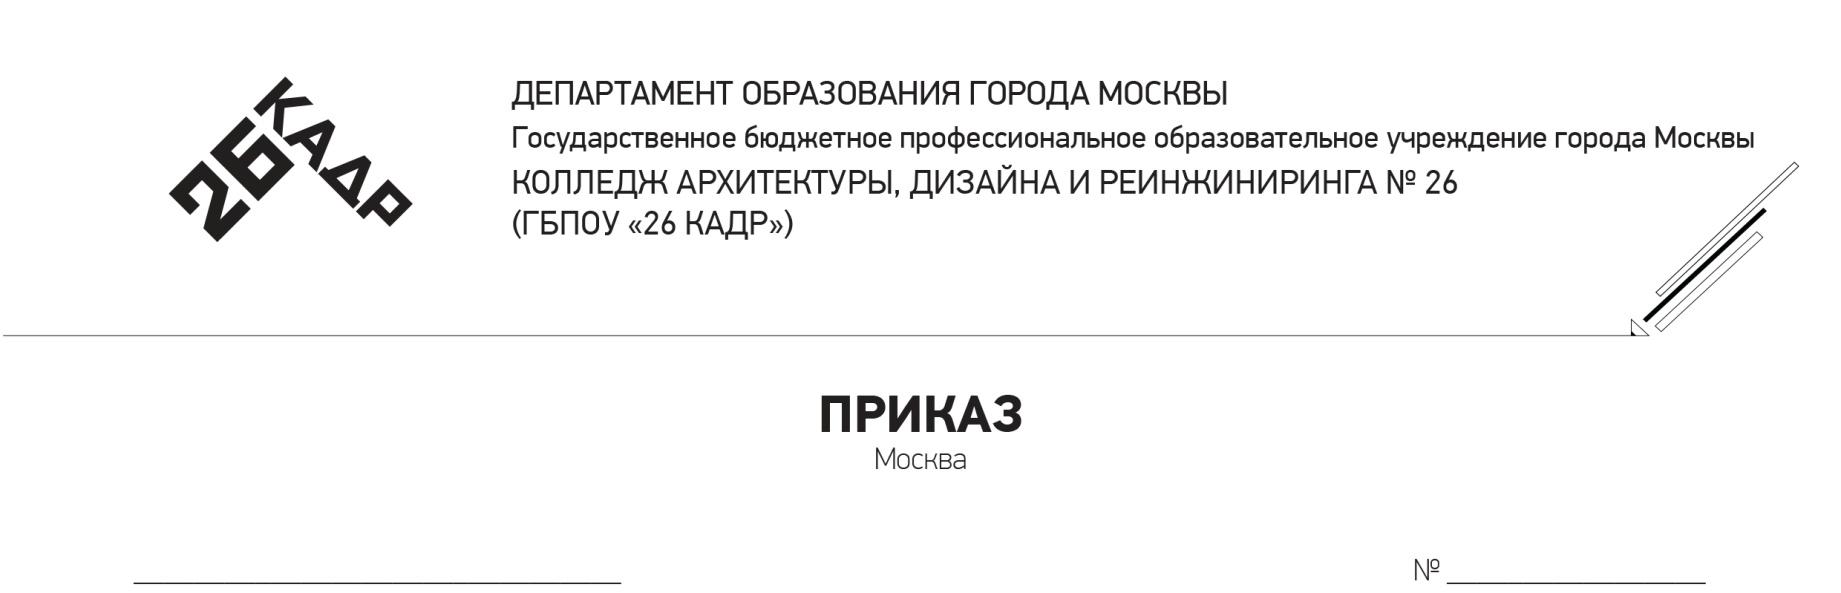 hello_html_m51a75cb3.jpg